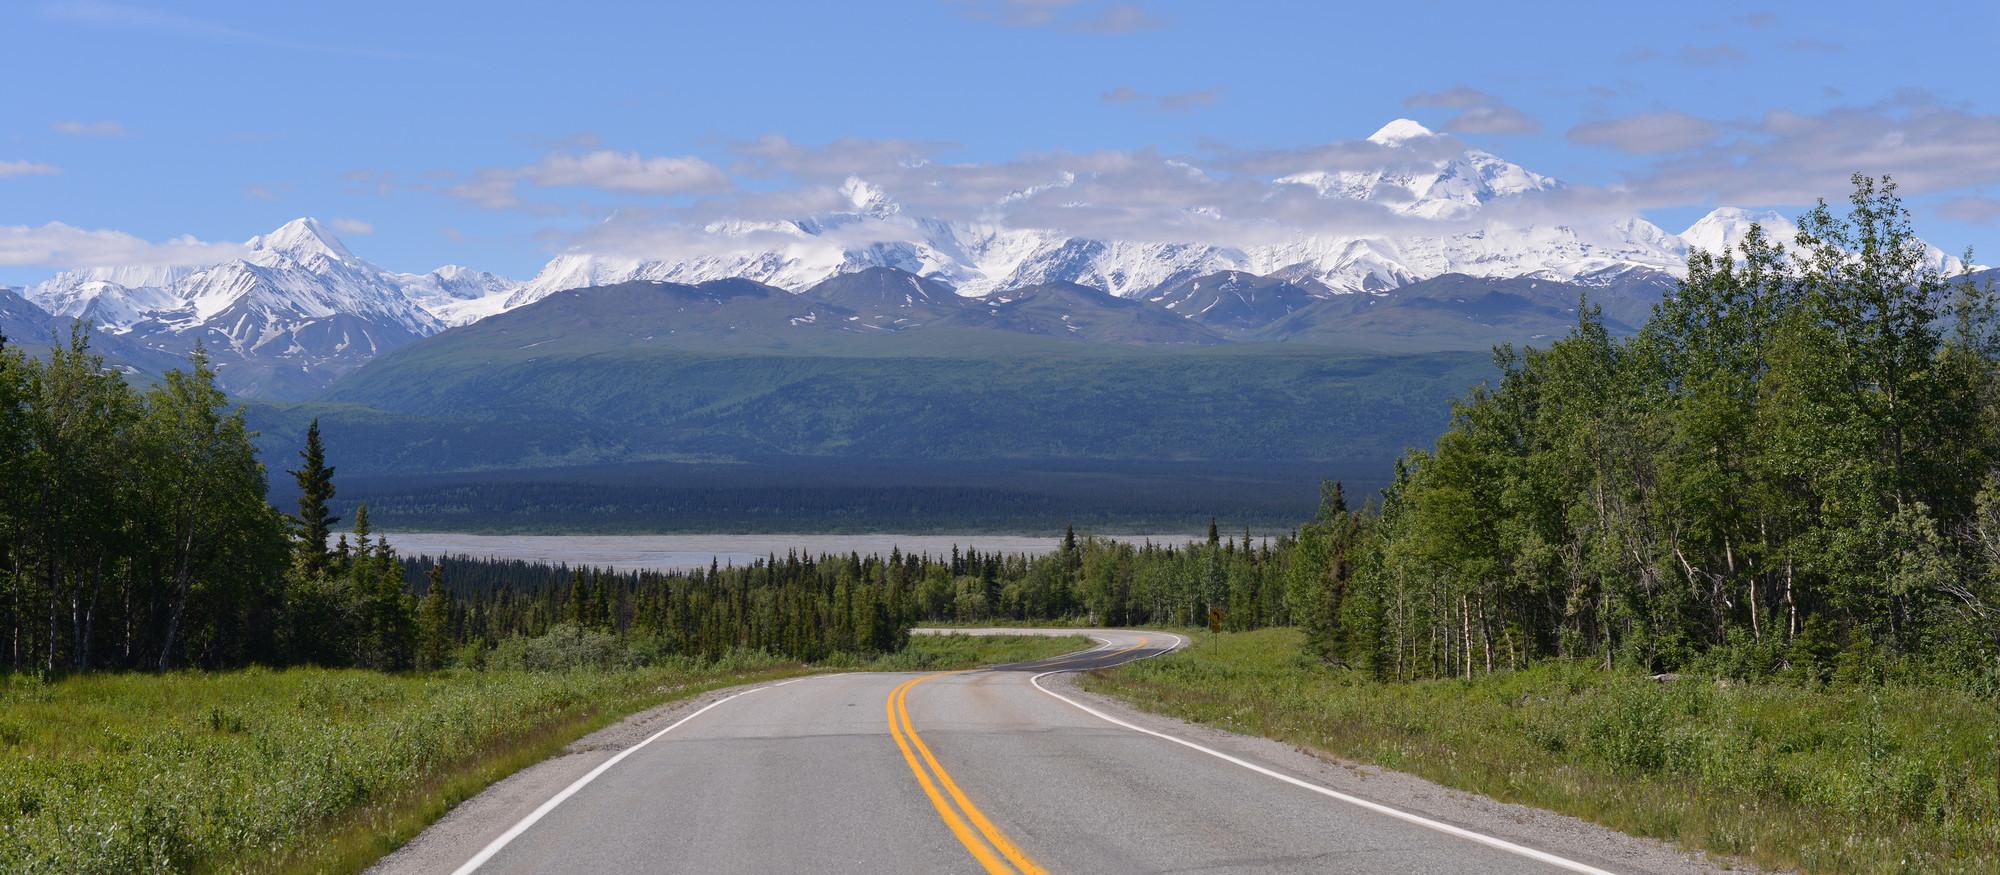 On the road, Alaska